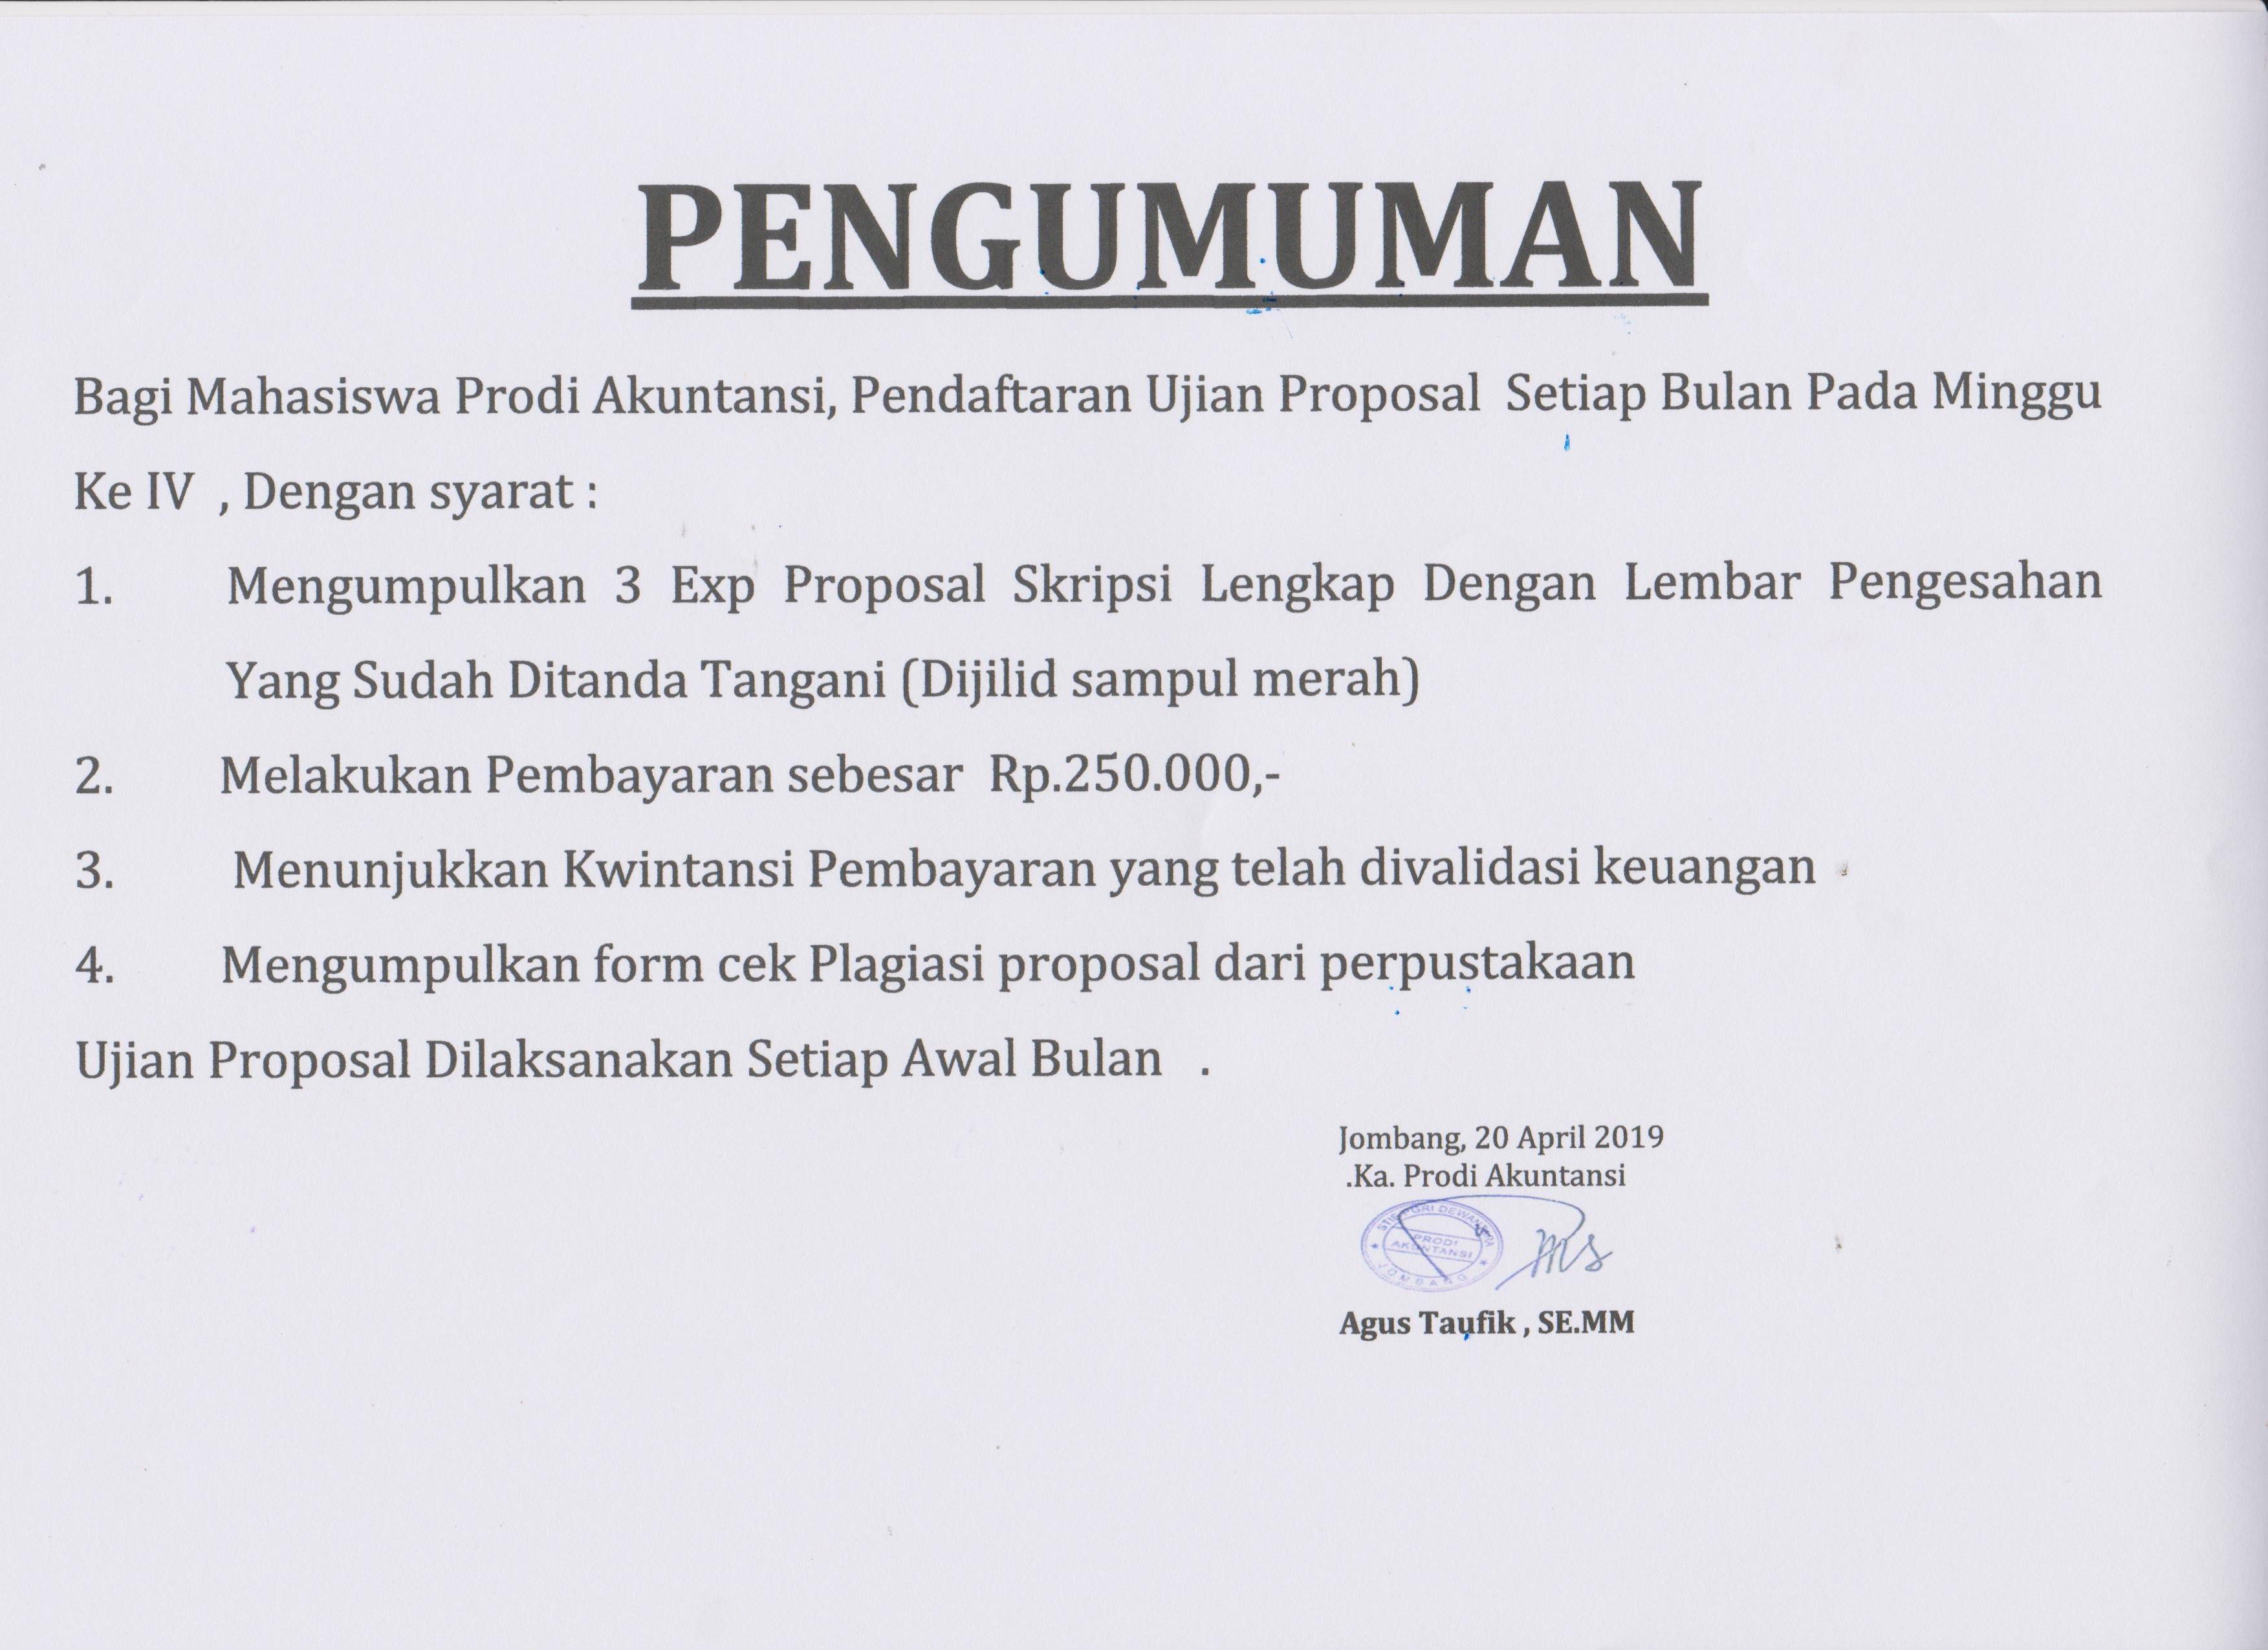 Pengumuman Proposal Skripsi Akuntansi Dan Manajemen 2019 Stie Pgri Dewantara Jombang